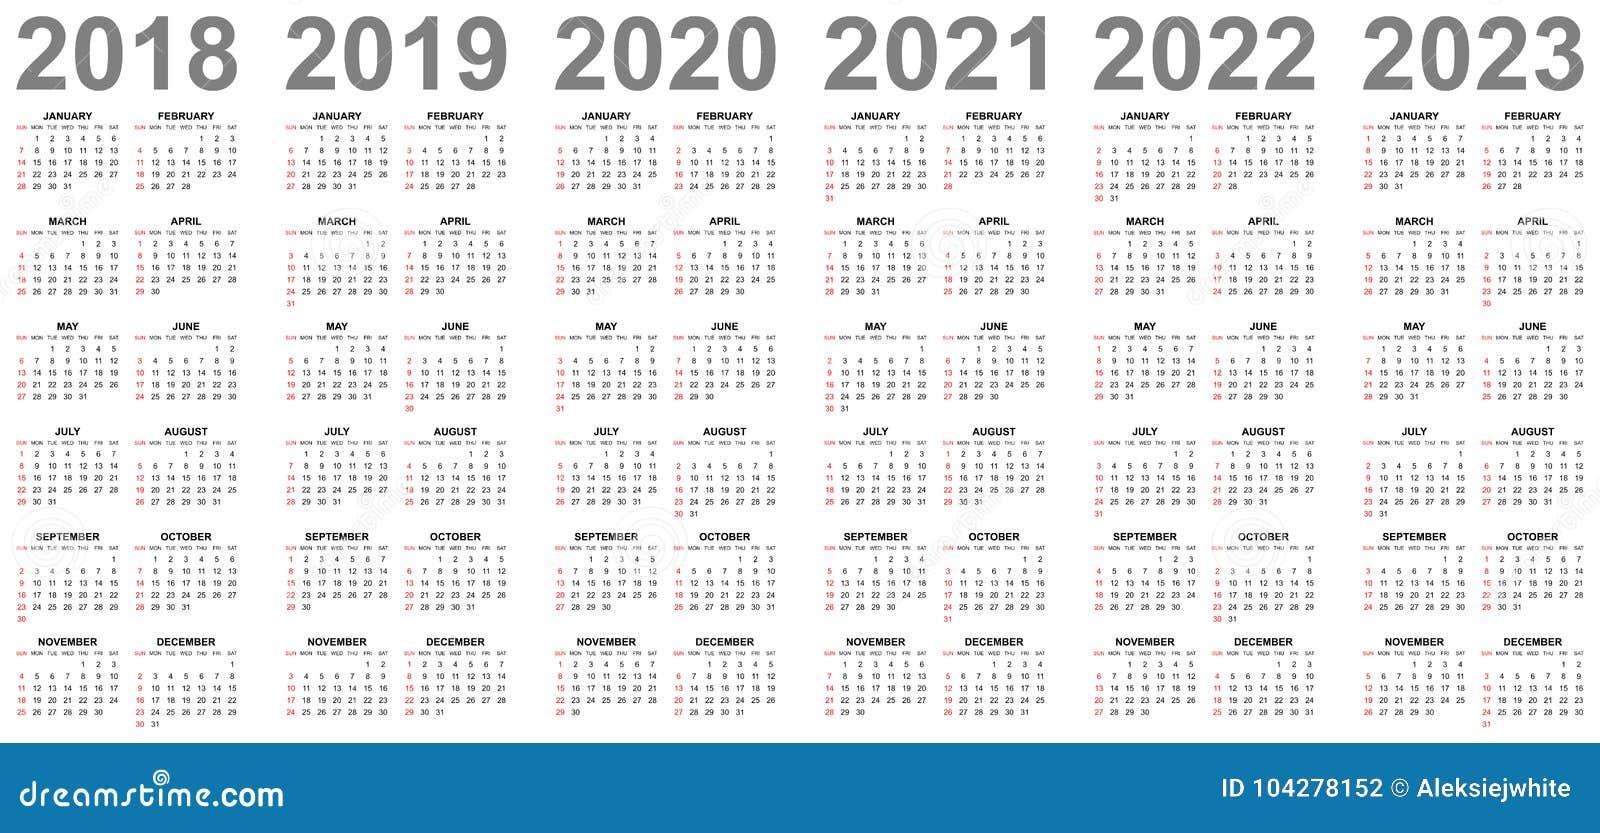 Vendita Calendario 2020.Calendari Semplici Per Anni 2018 2019 2020 2021 2022